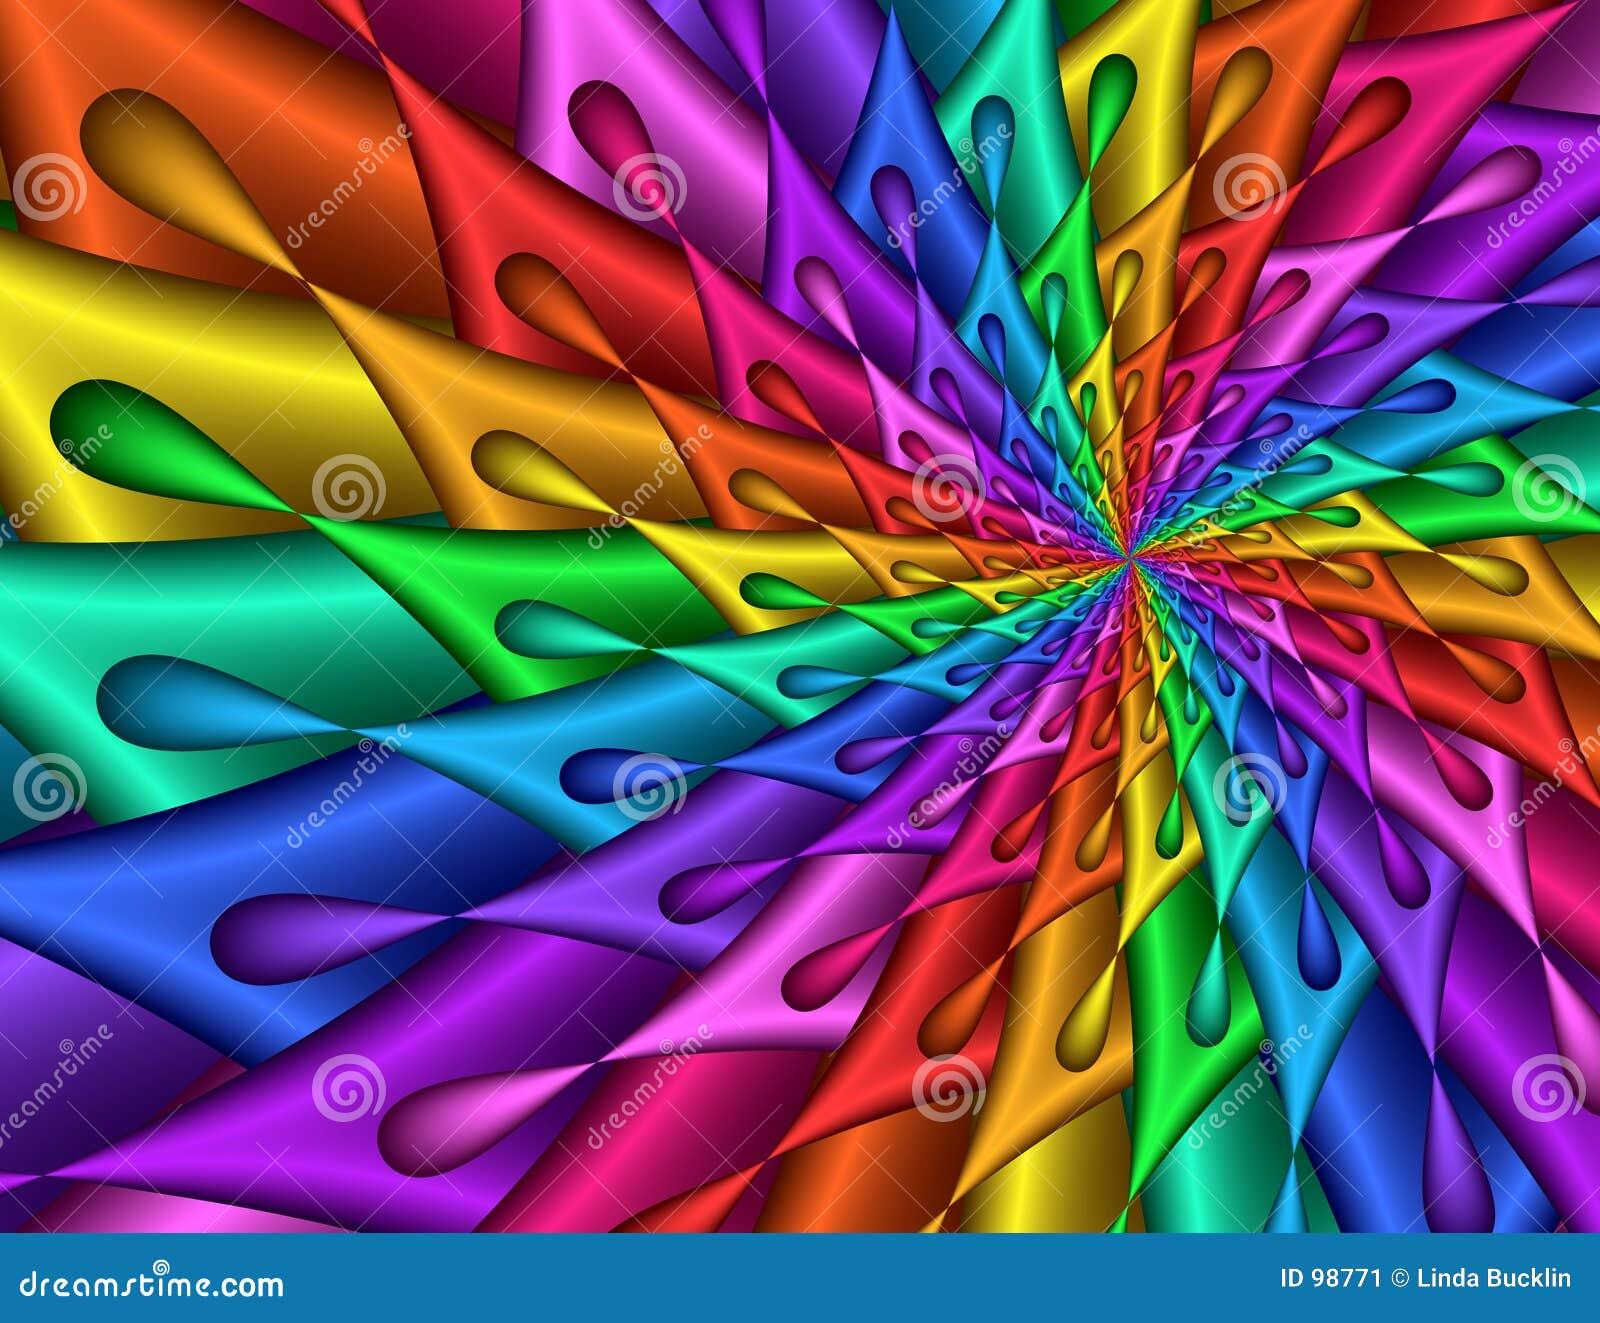 Colorful fractal image spiral teardrop